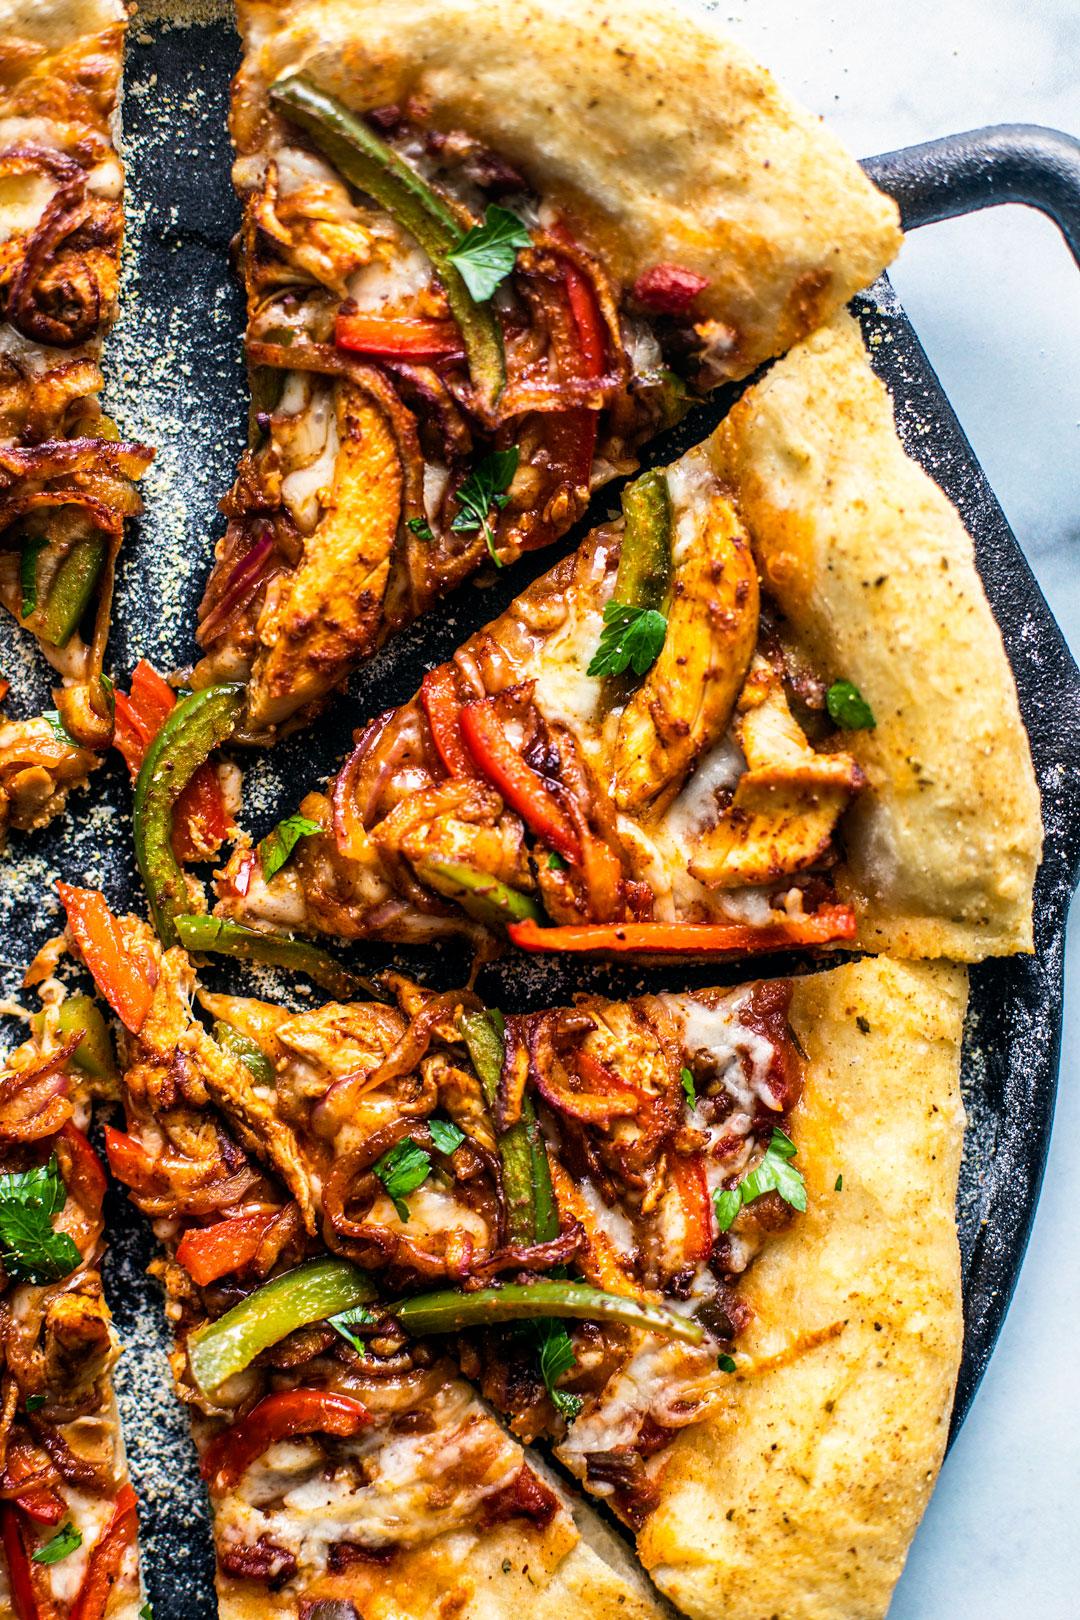 Chicken Fajita Pizza slices on a cast iron pizza pan.